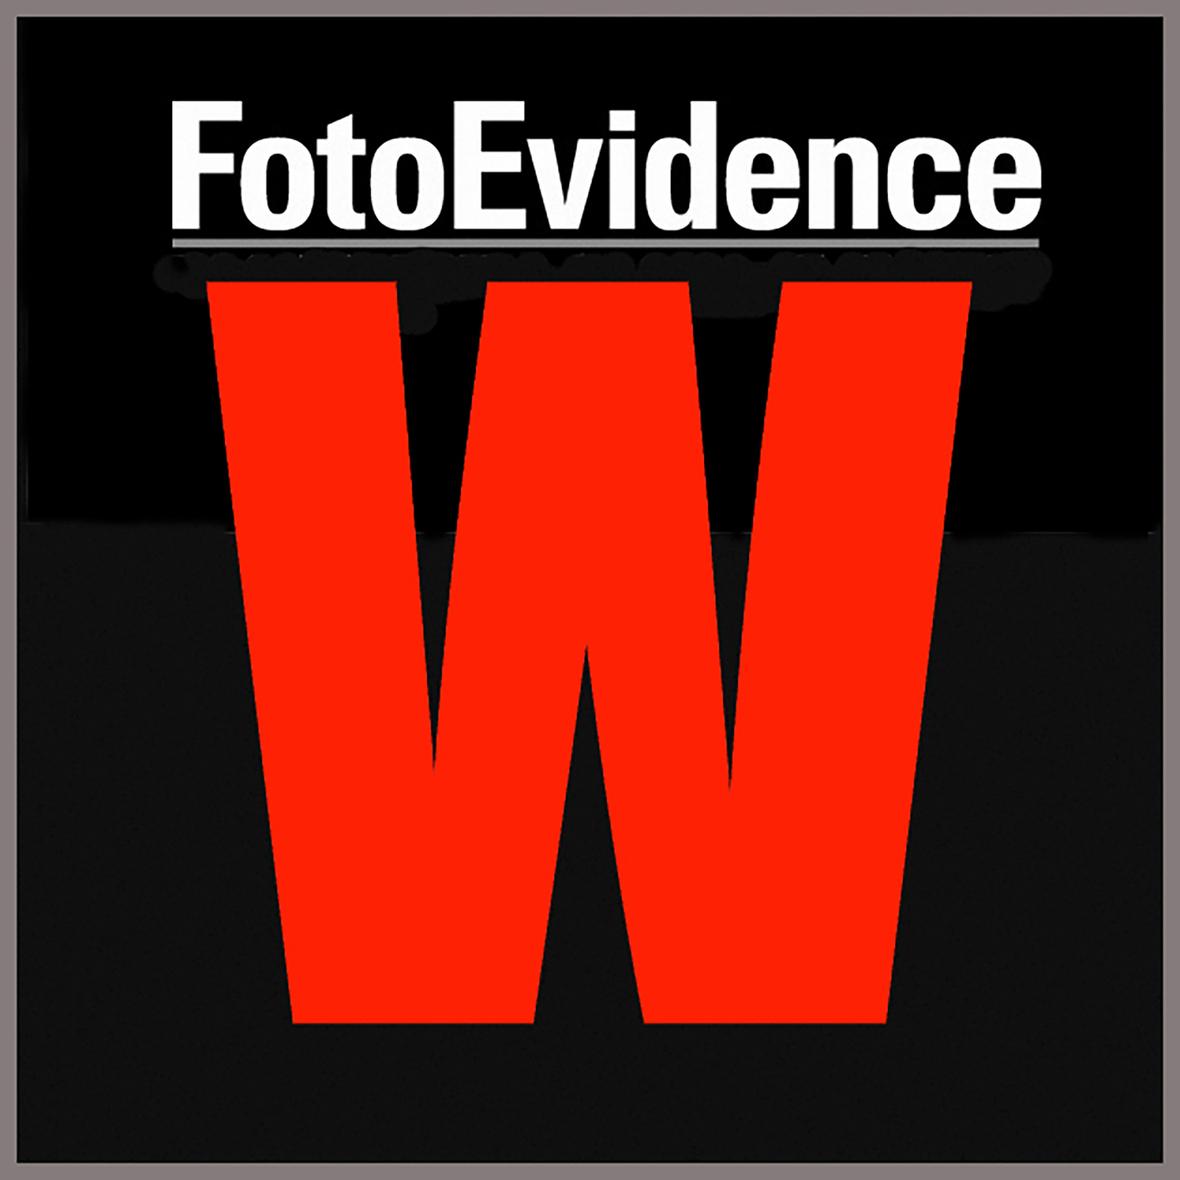 FINAL Hires FEW logo